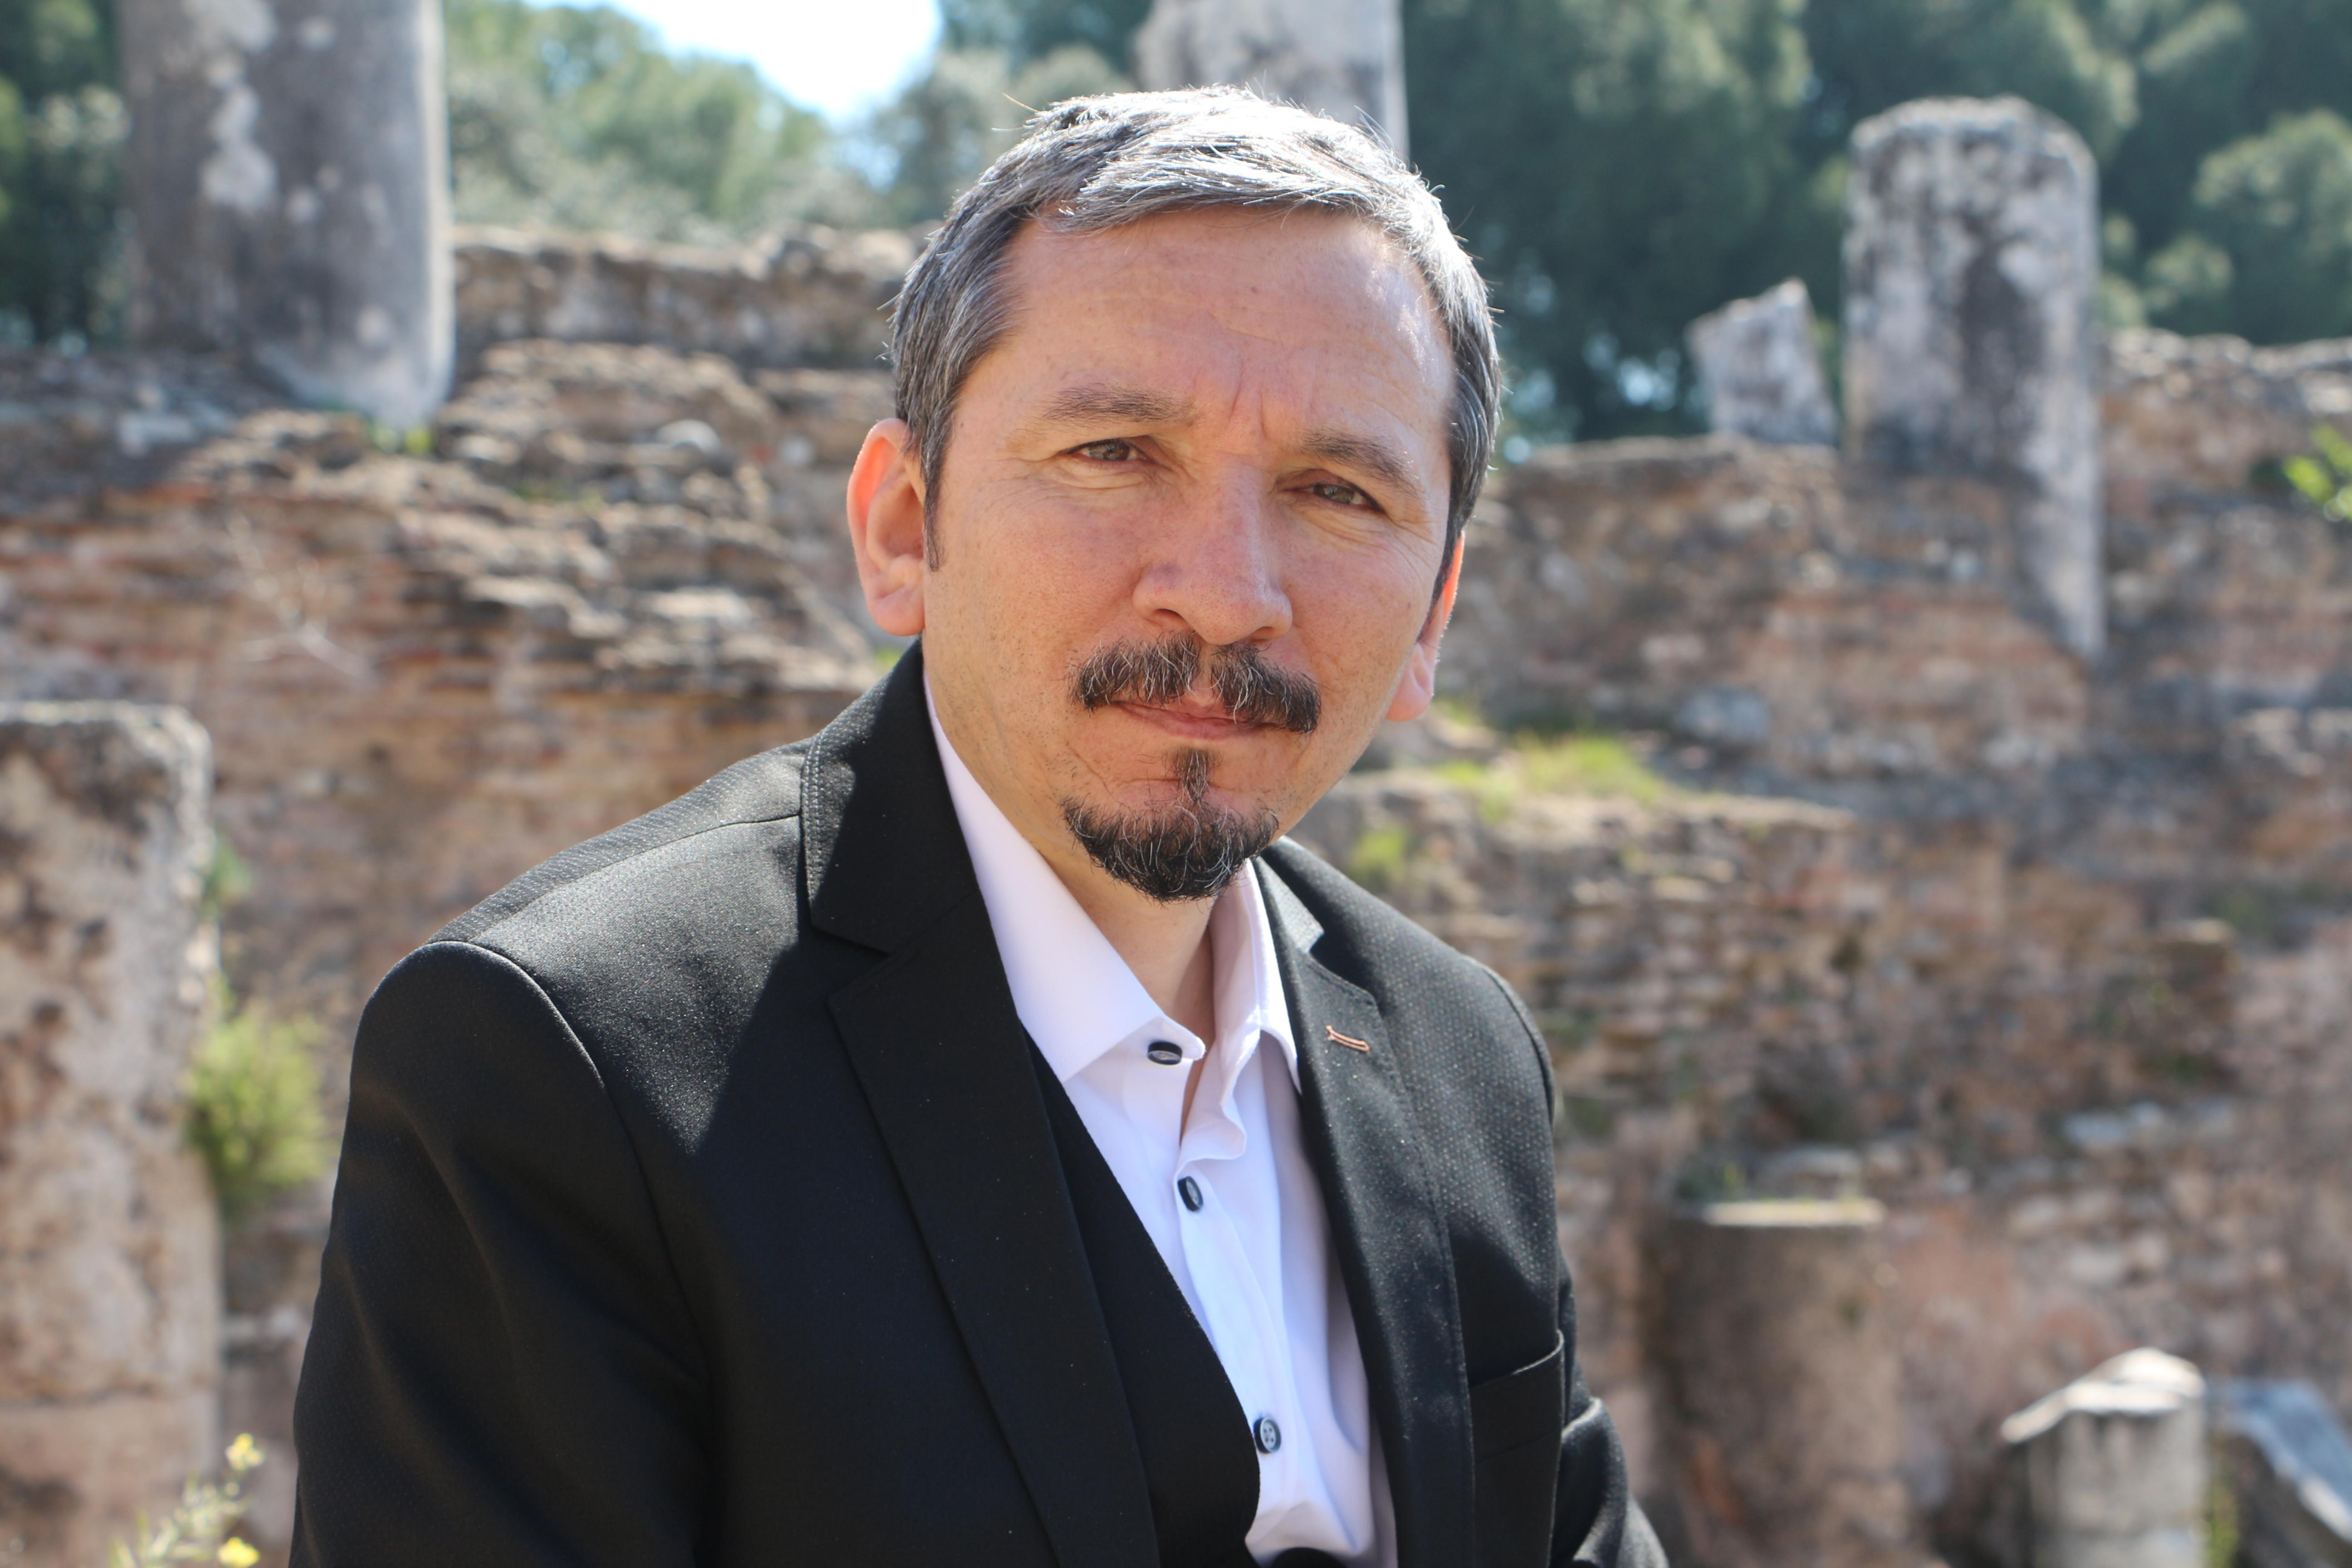 Doç. Dr. Süleyman Doğan'dan Yeni Kitap: Sorularla Sosyoloji ve Eğitim Sosyolojisi